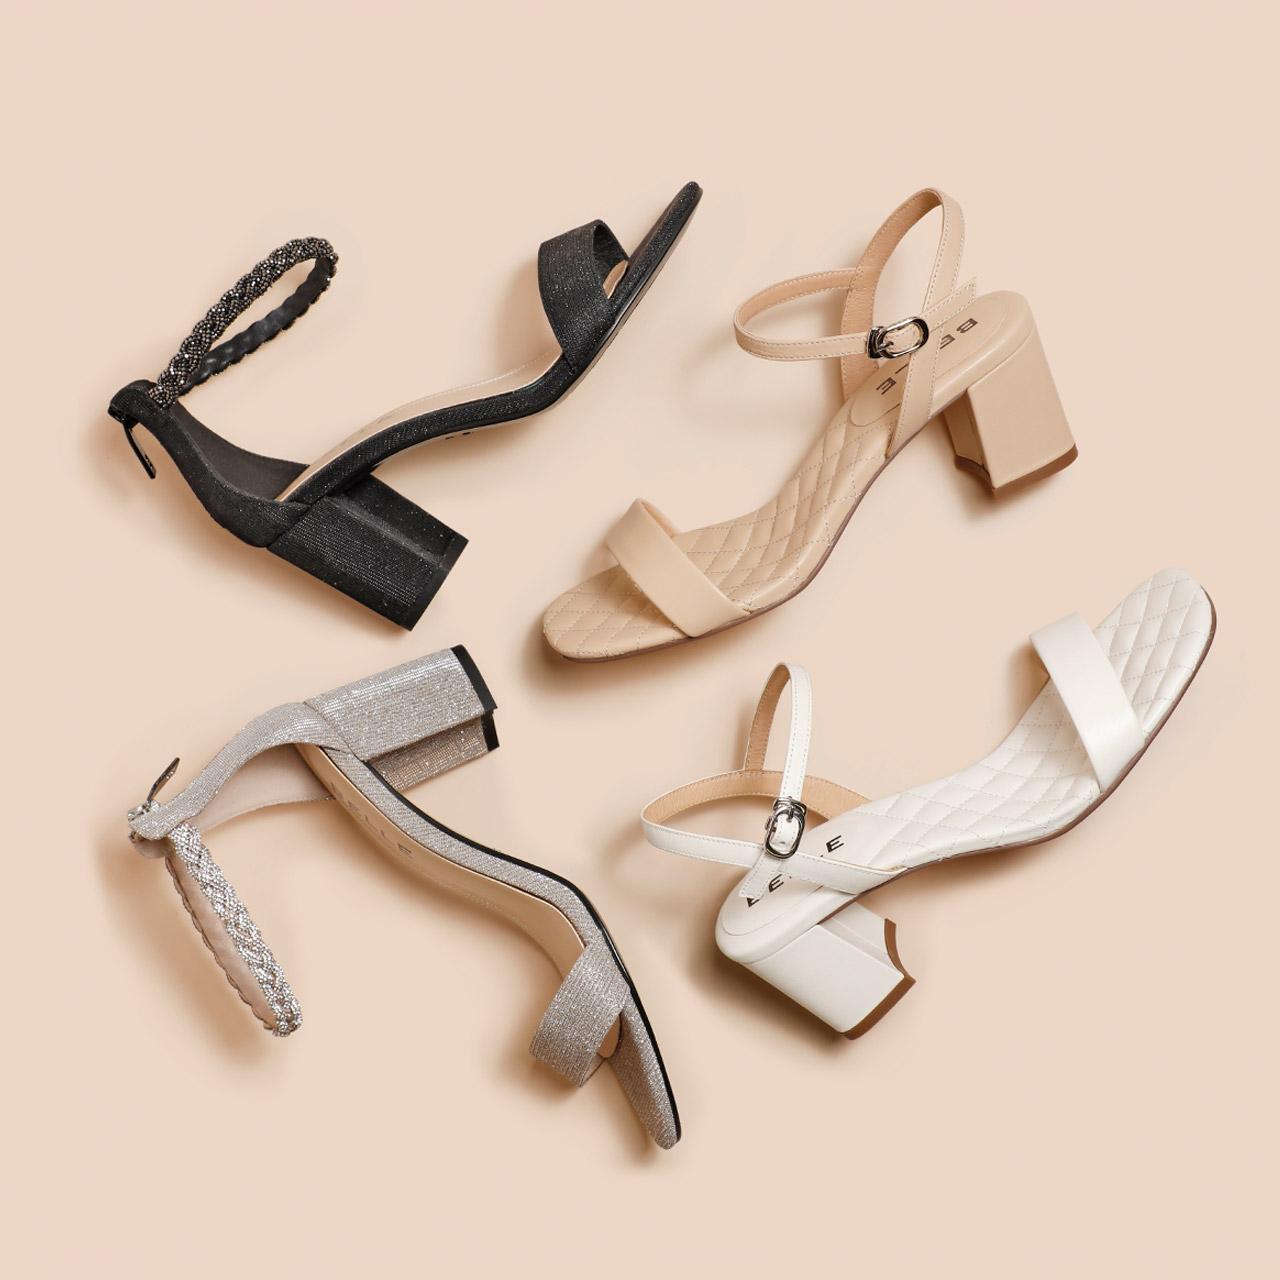 预 3W931BL0 夏商场新款绵羊皮菱格纹粗跟凉鞋 2020 百丽一字带凉鞋女